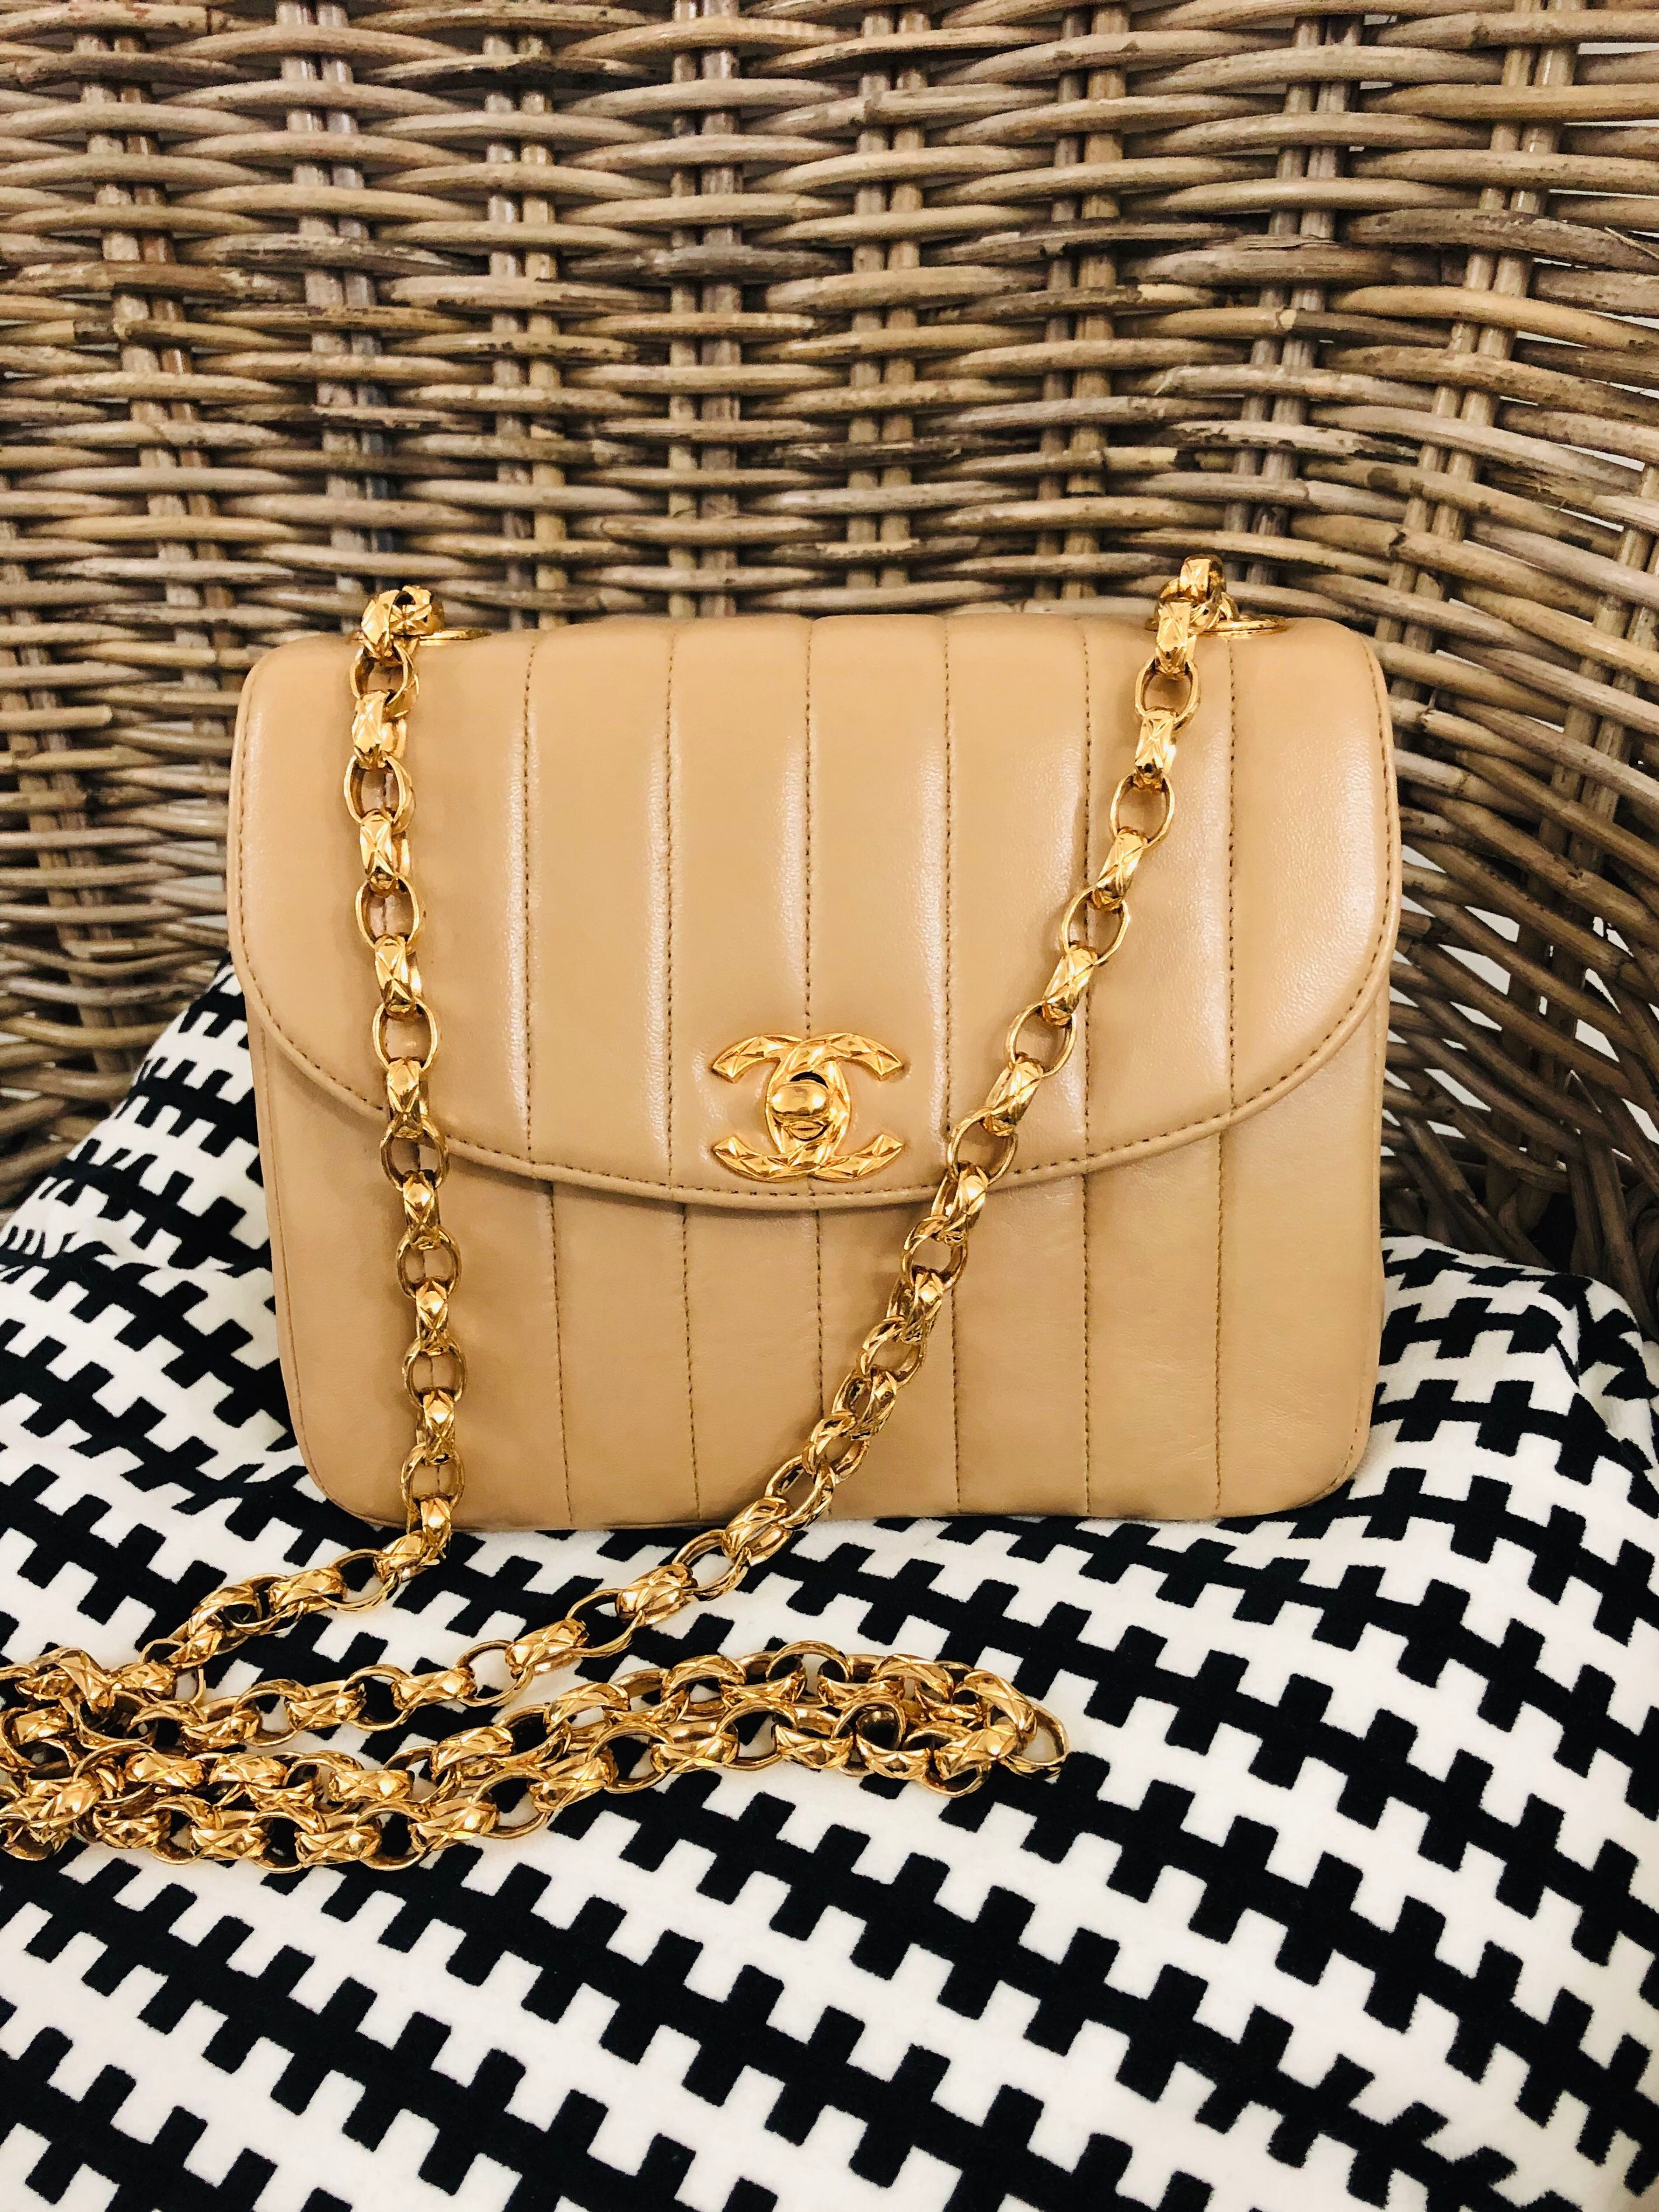 14b1dbdf248b Chanel Mini Limited Edition Vintage